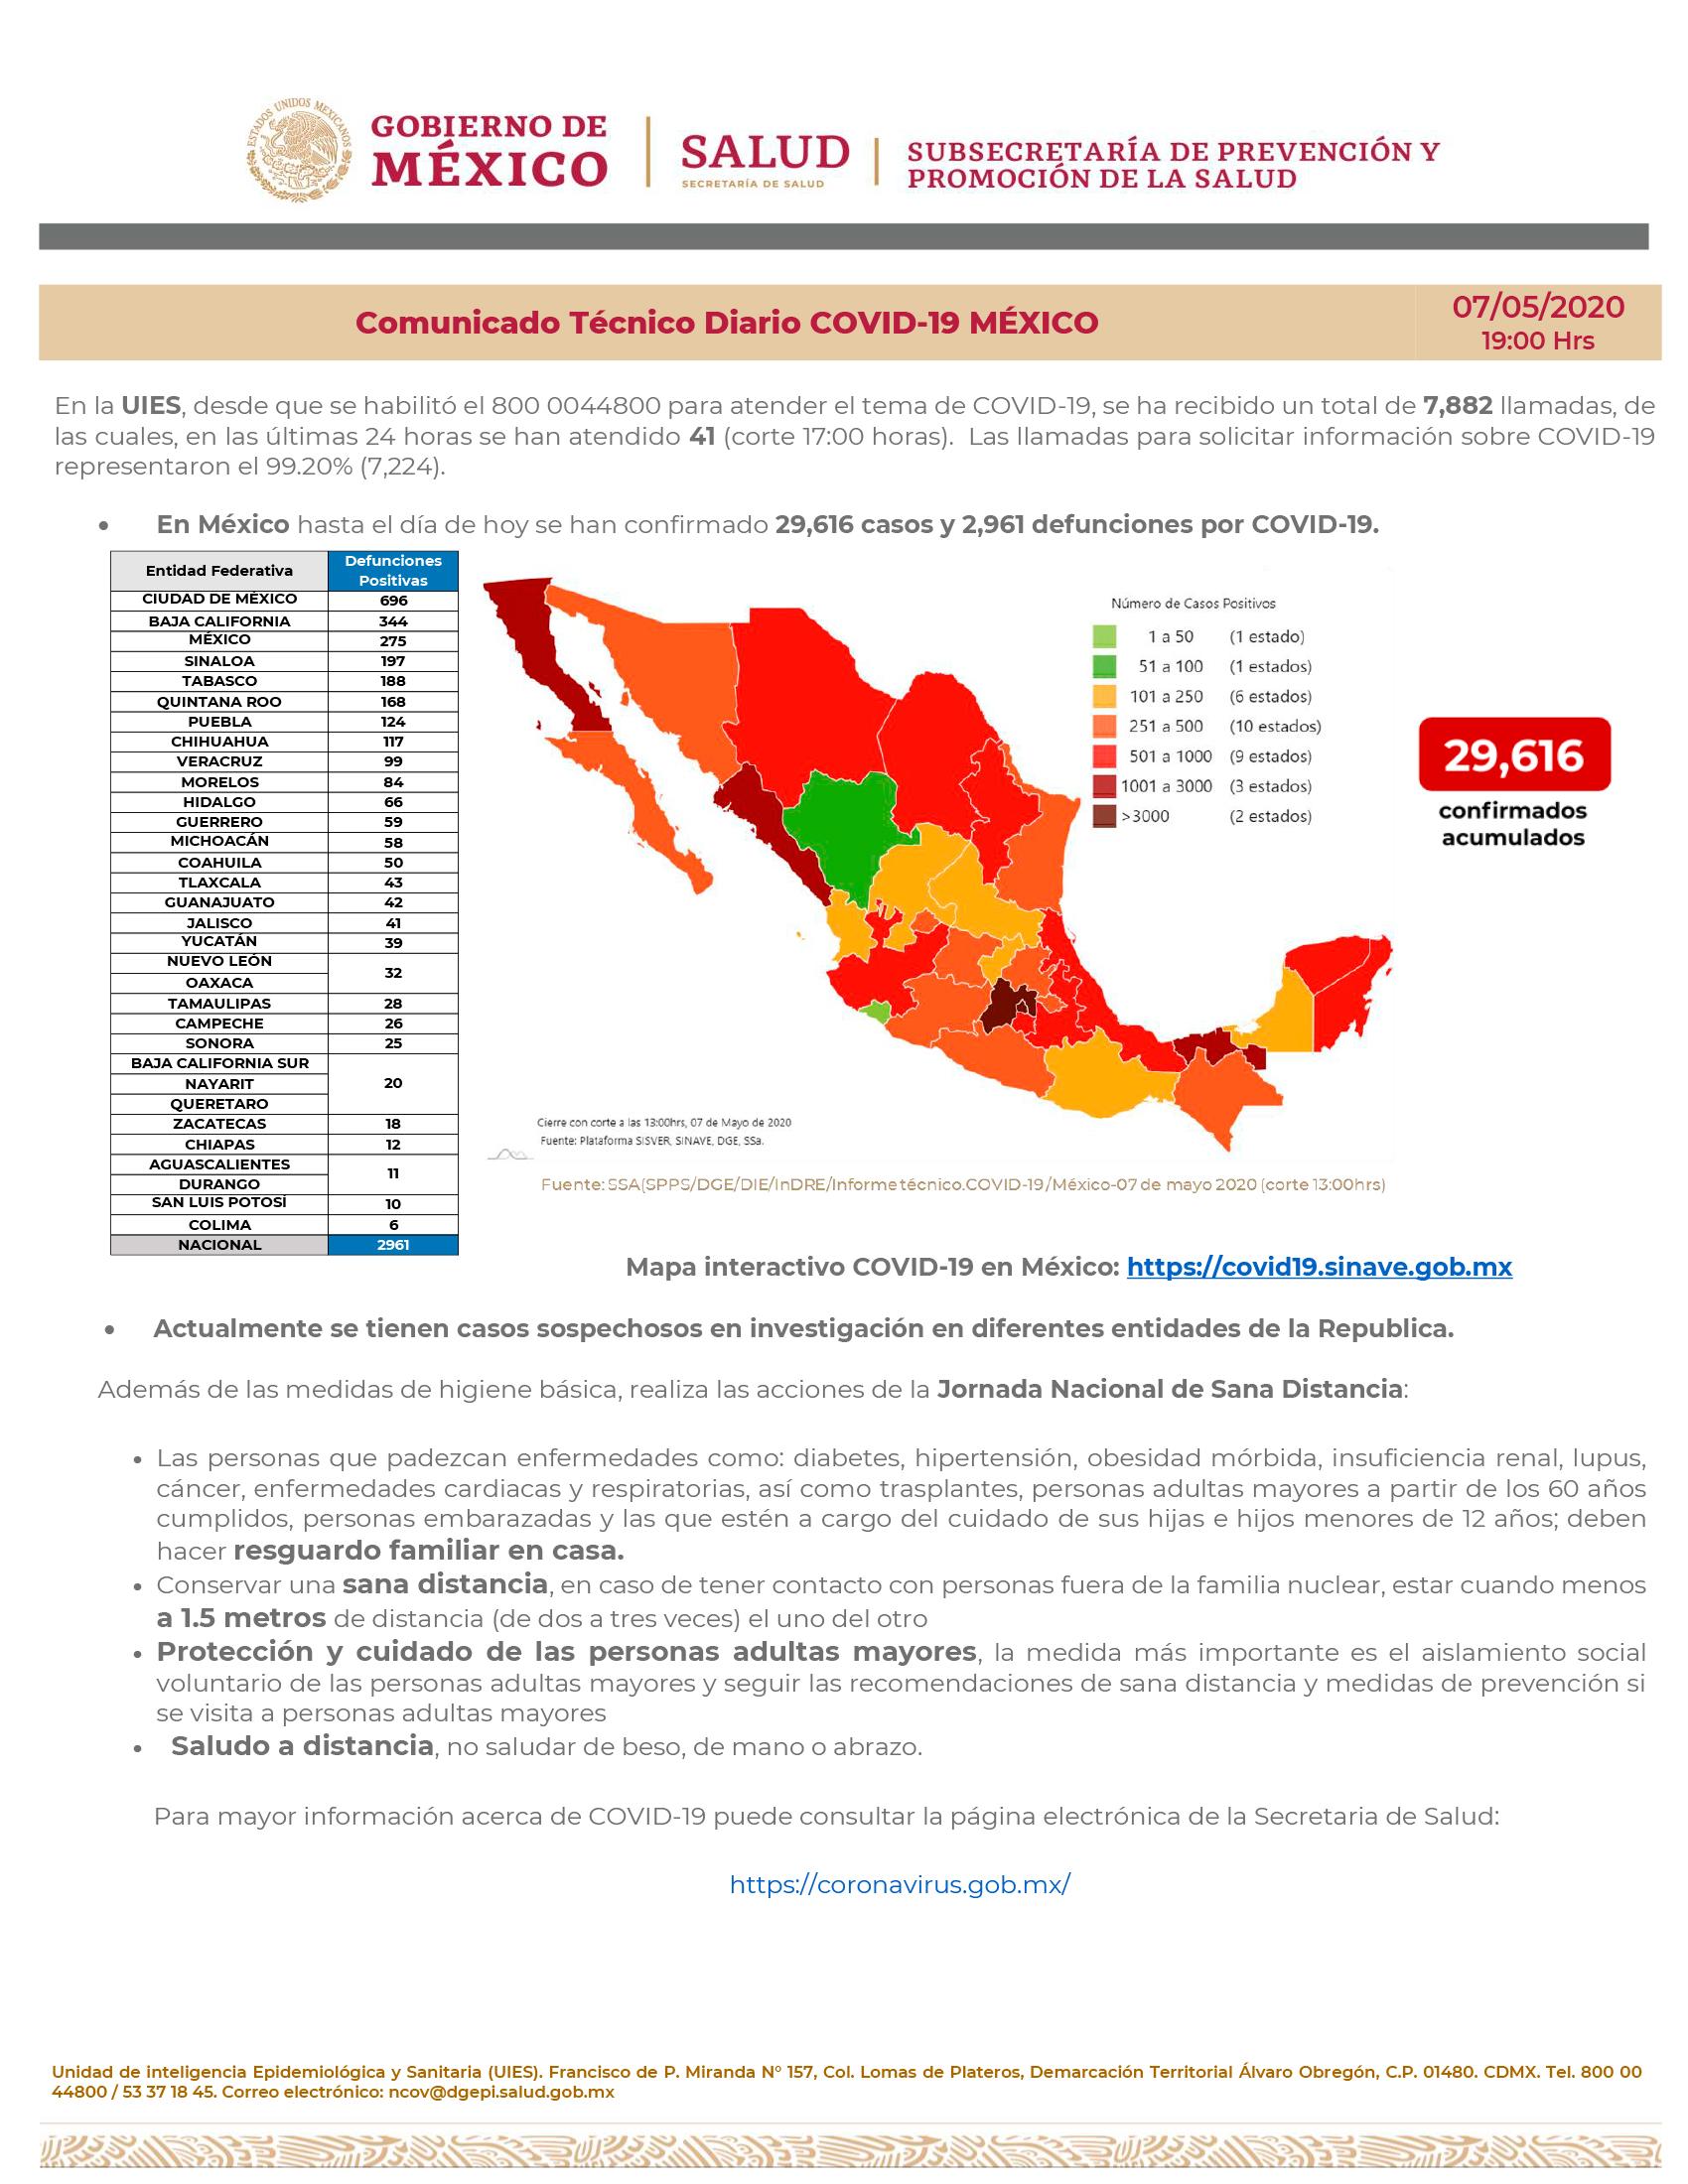 /cms/uploads/image/file/580801/Comunicado_Tecnico_Diario_COVID-19_2020.05.07-2.jpg